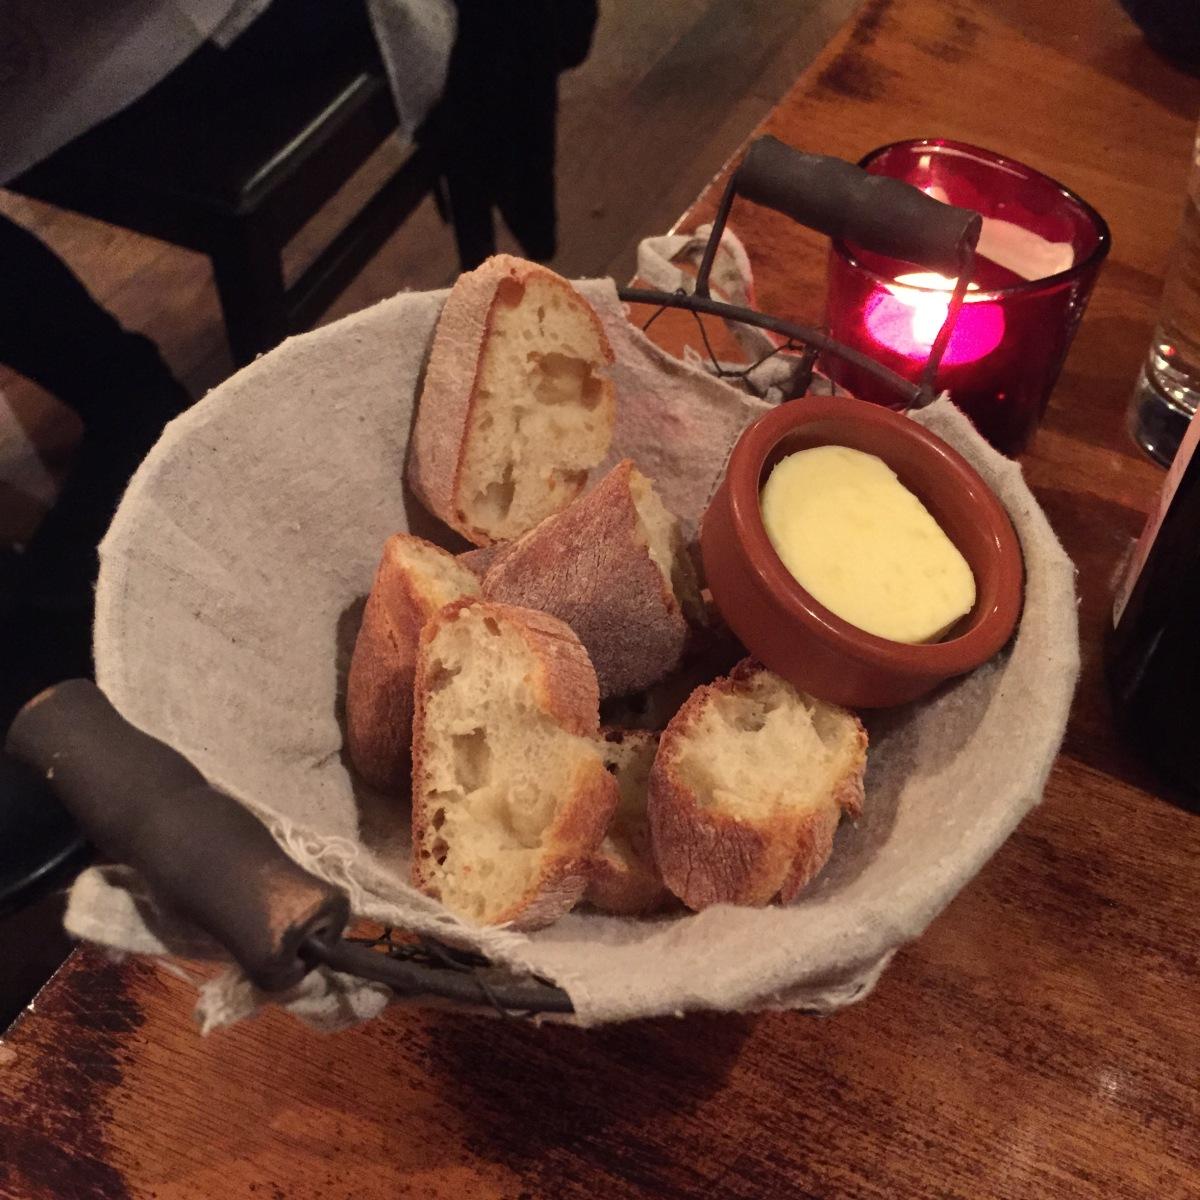 La Bonne Heure Basket of Bread